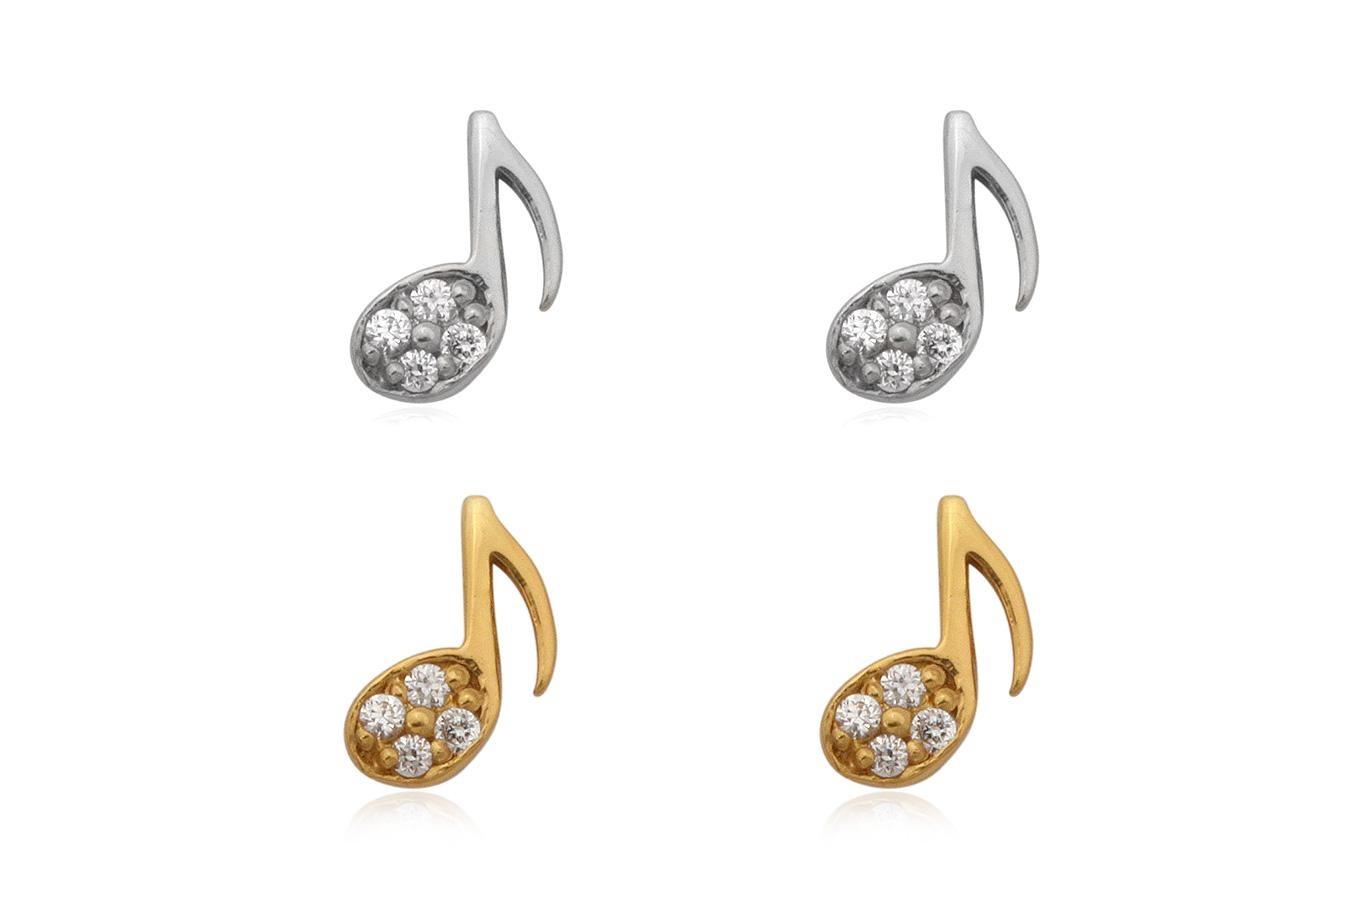 Zilveren en verguld paar mini muzieknoot oorstekers met witte zirkoon-1